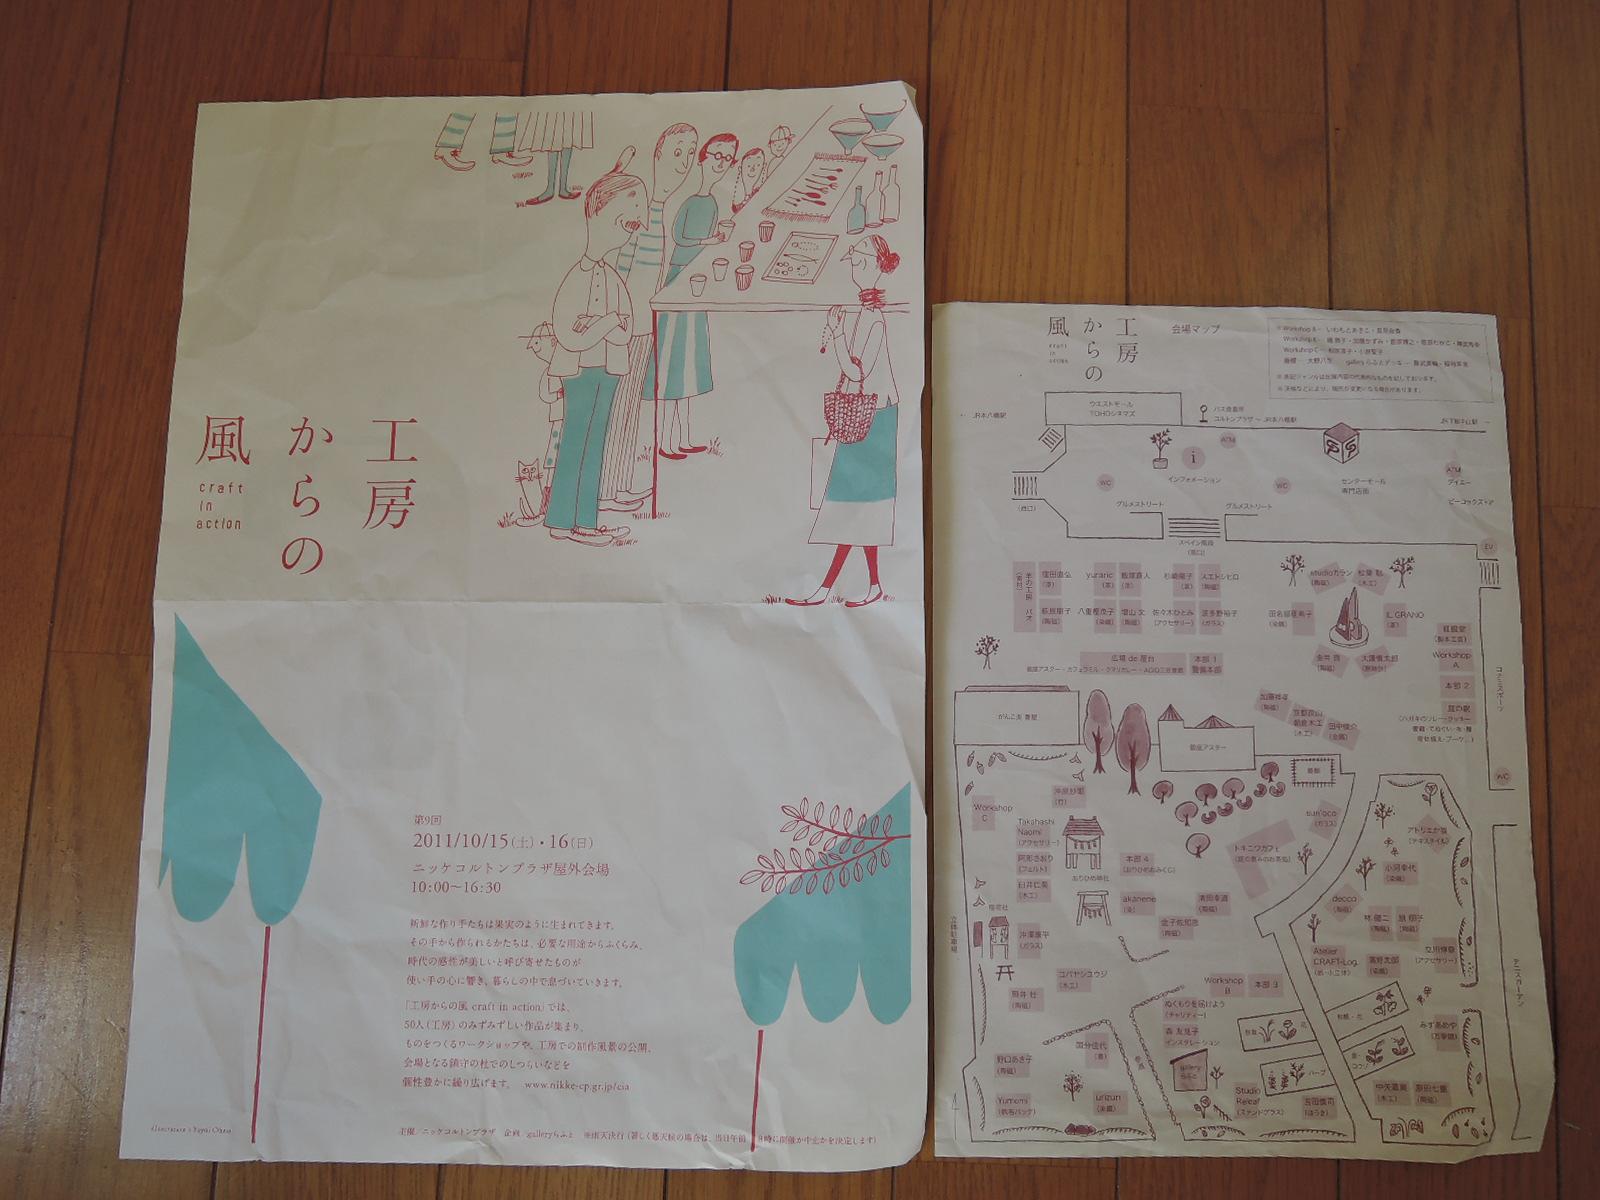 工房からの風2011パンフレット&会場マップ